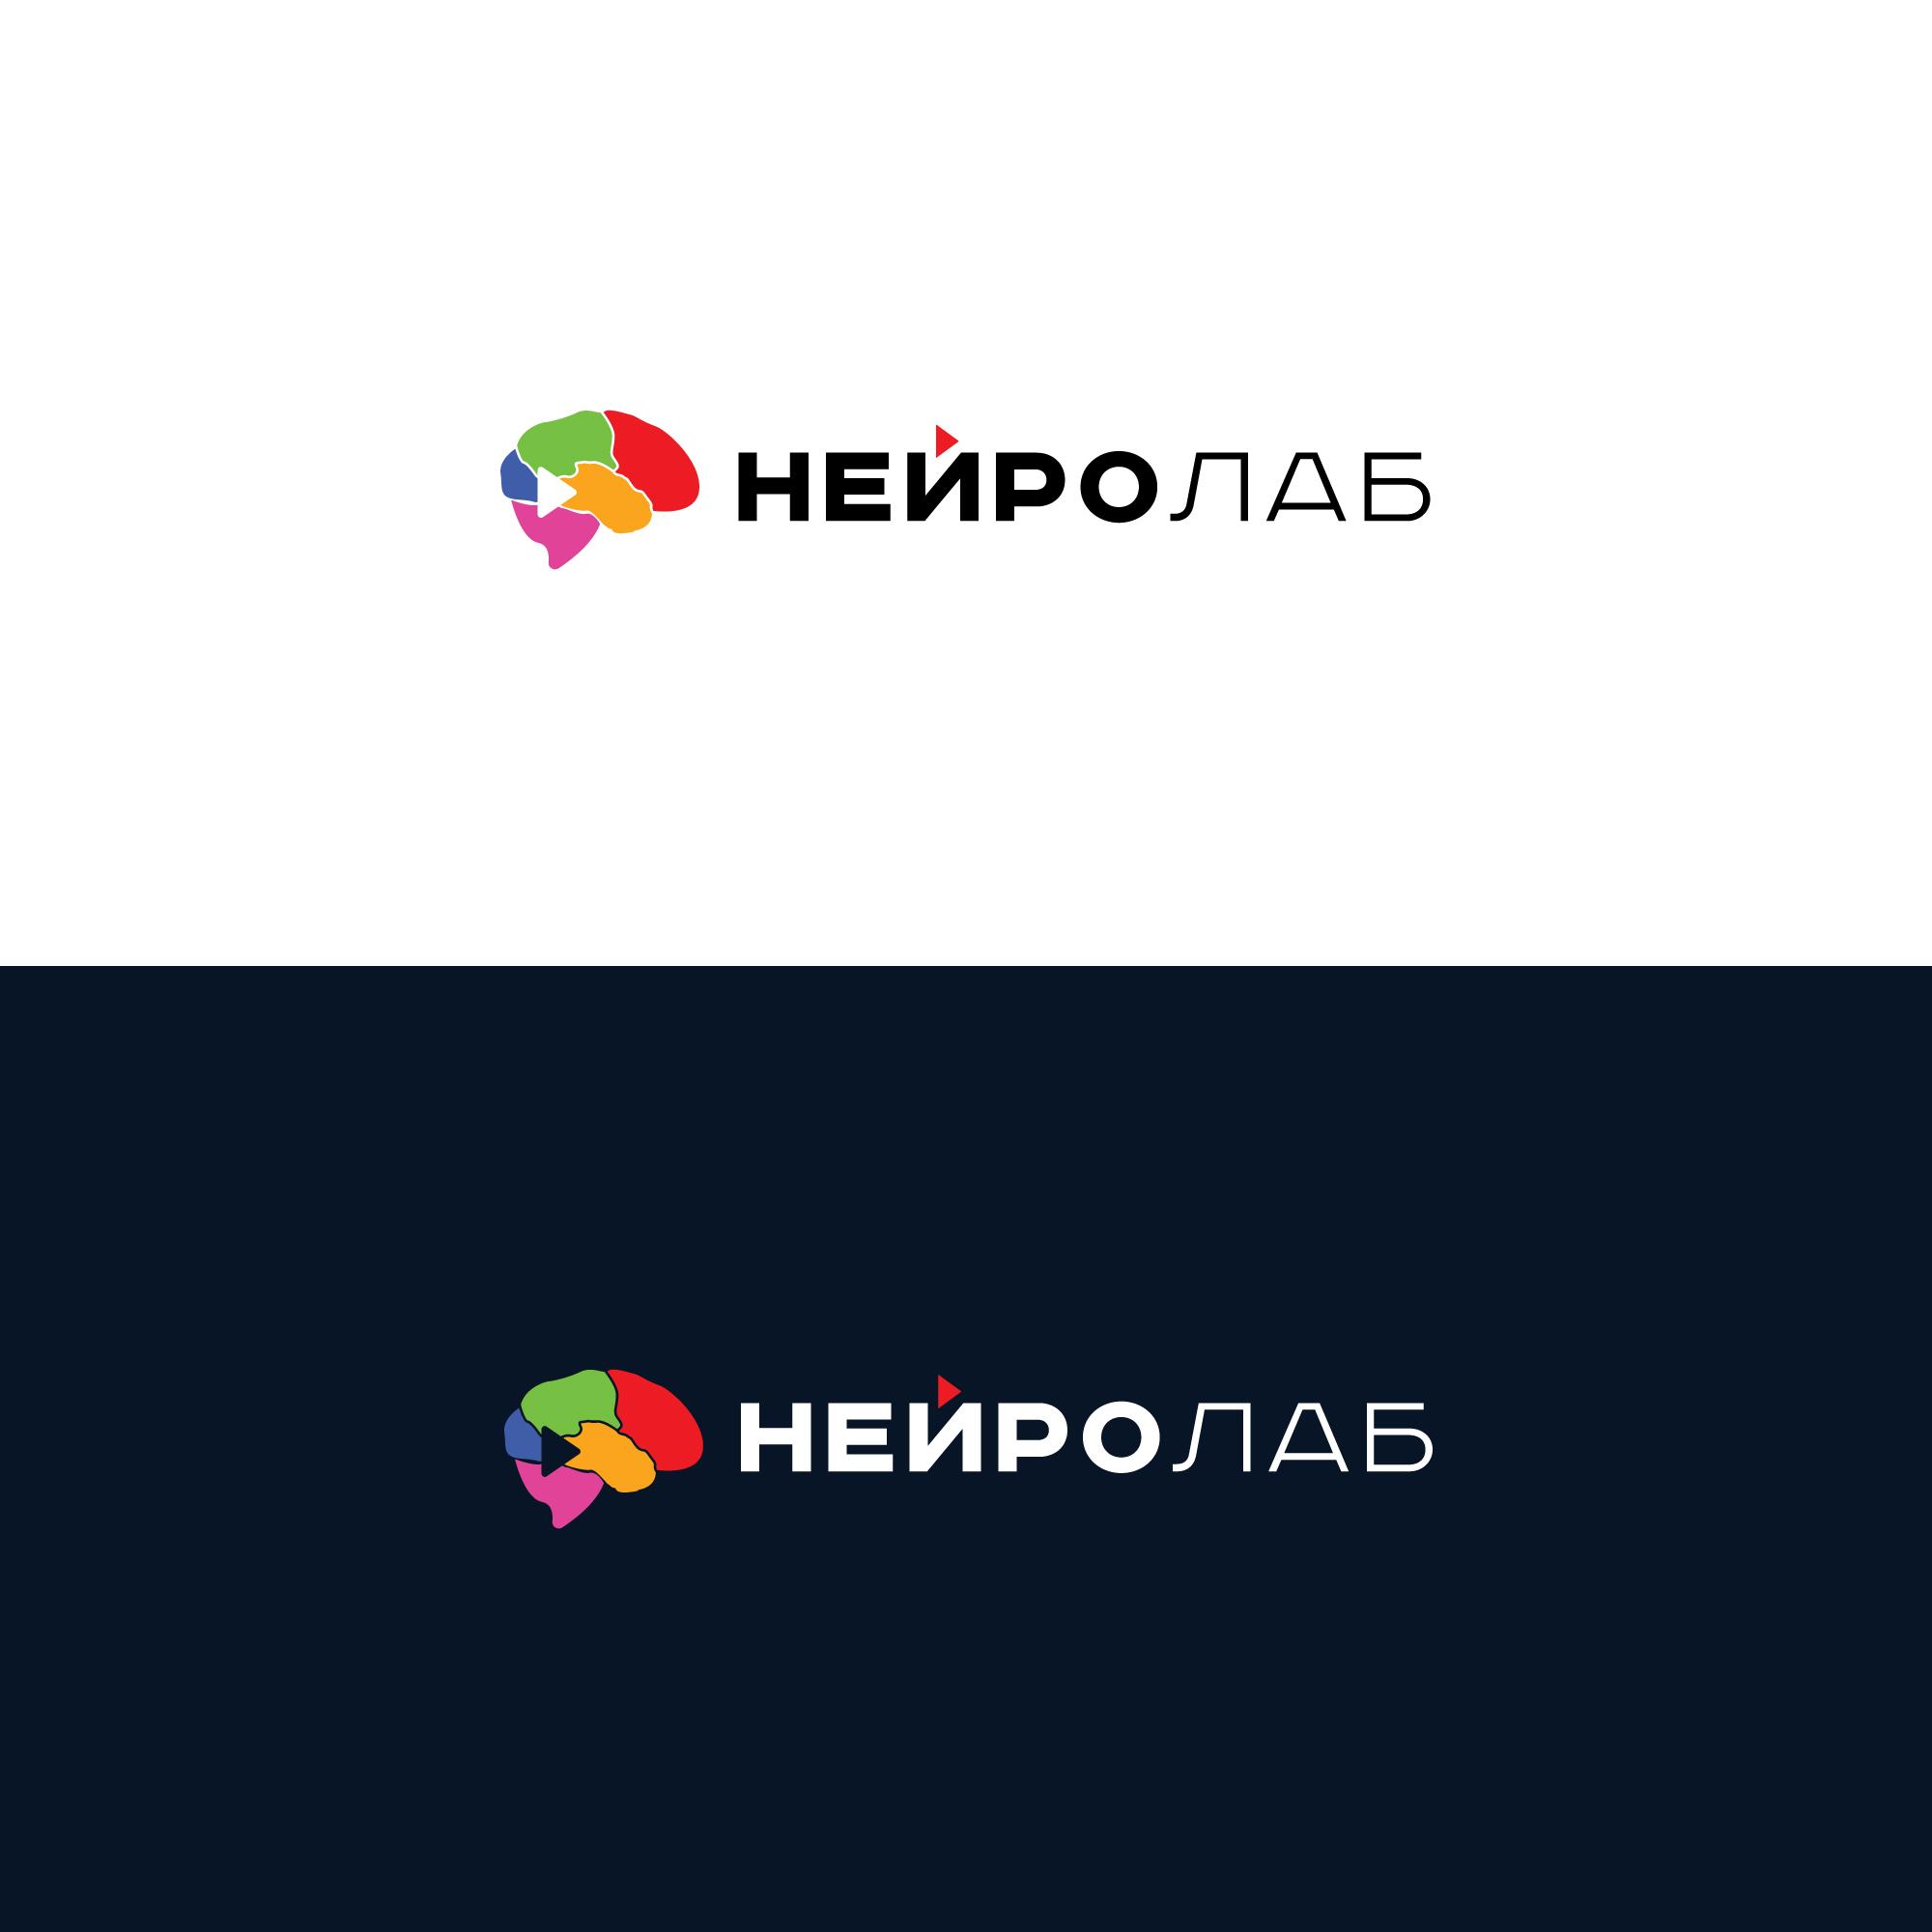 Логотип для лаборатории исследования эмоционального отклика  фото f_27160087fbf23631.jpg